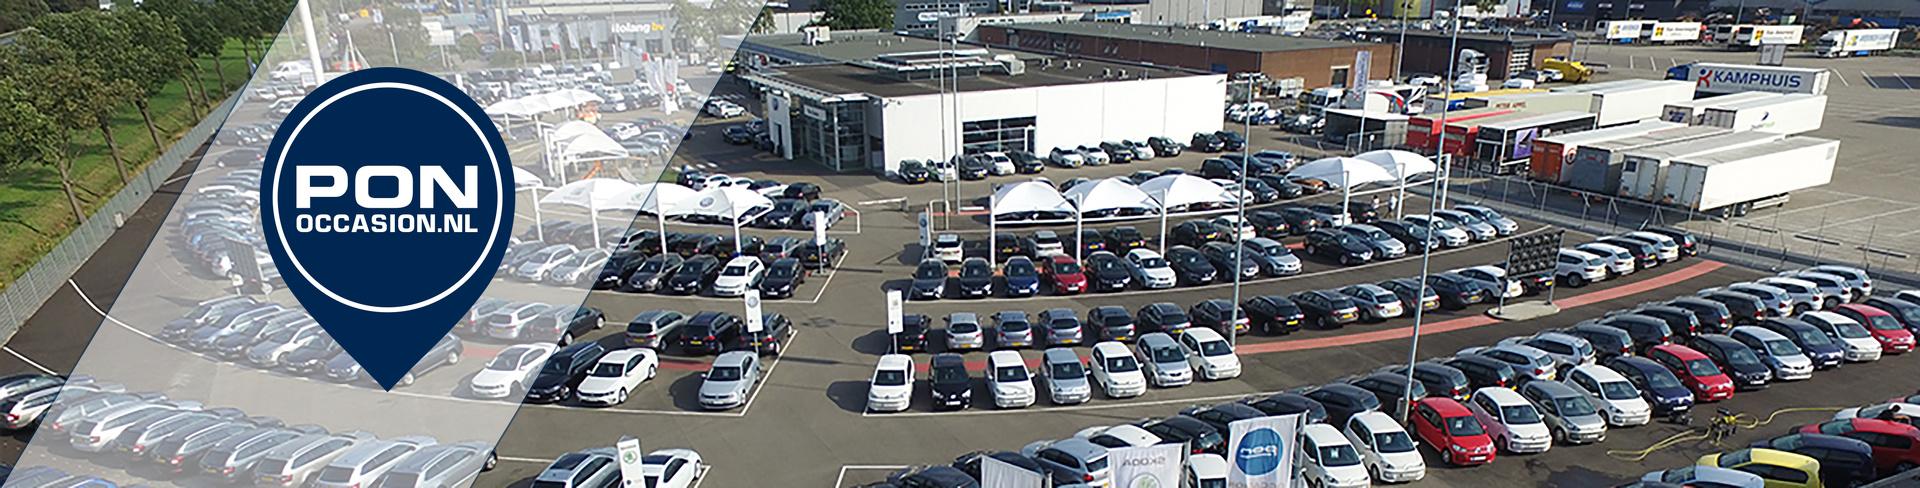 Volkswagen occasion kopen bij Pon Occasion in Barneveld